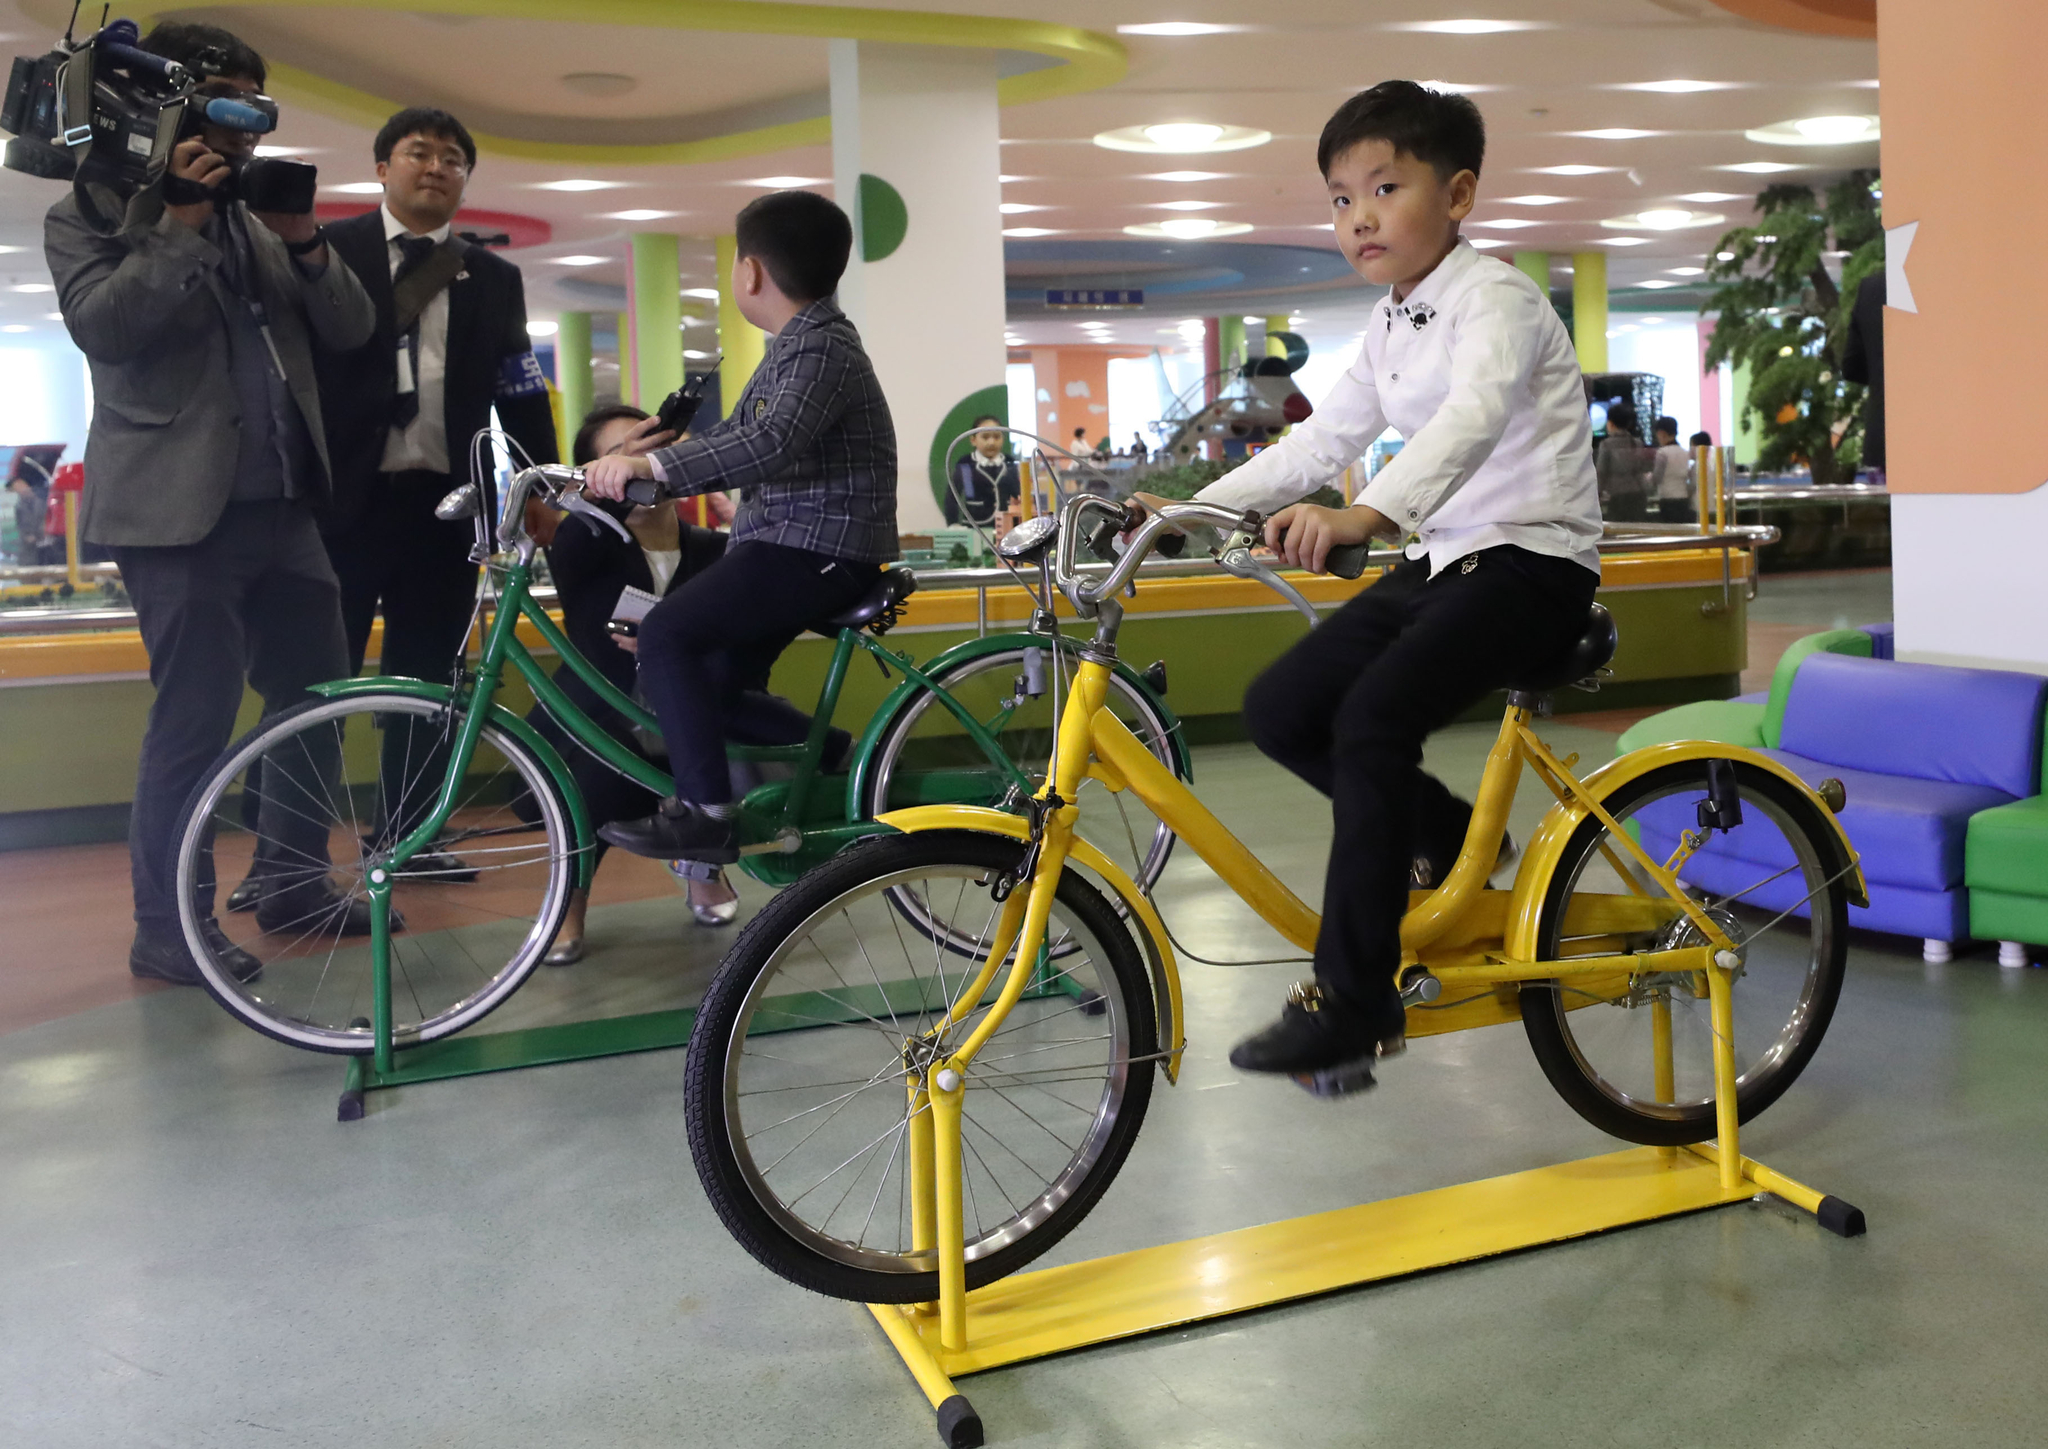 지난 4일 오후 평양 과학기술전당에서 평양 어린이들이 자전거를 타고 있다. 평양사진공동취재단